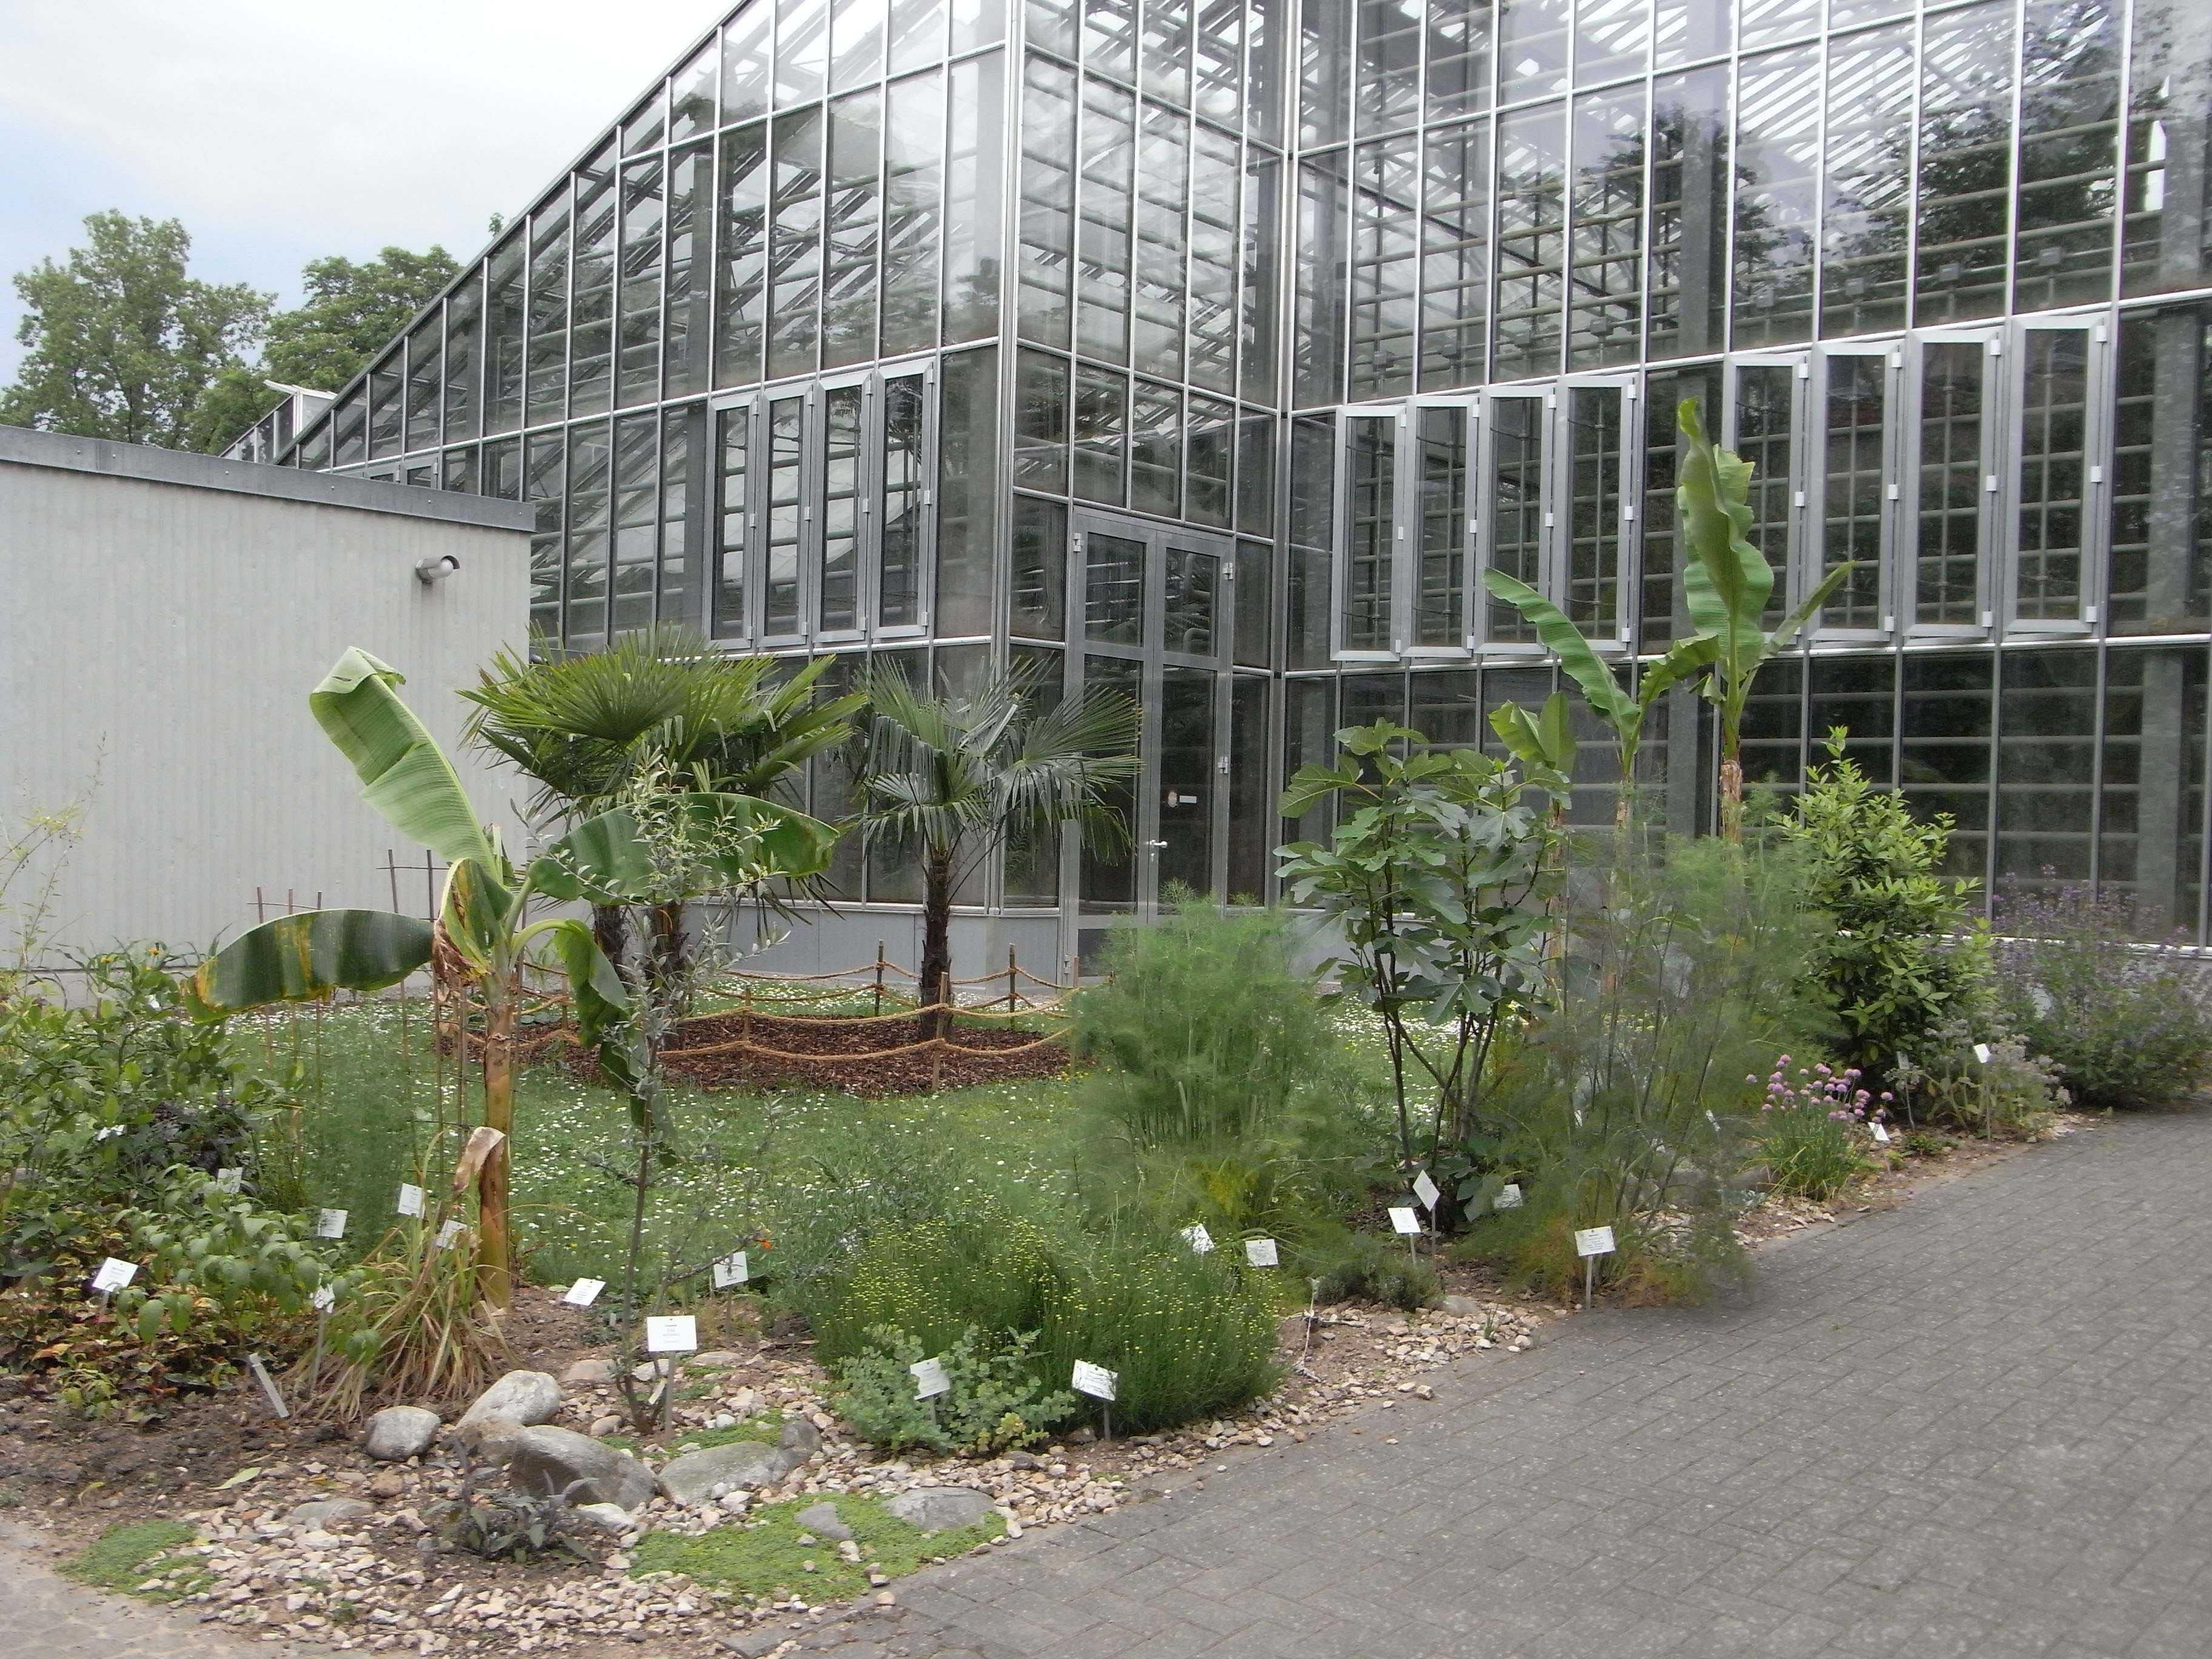 Nutzpflanzen im Botanischen Garten Freiburg — Botanischer